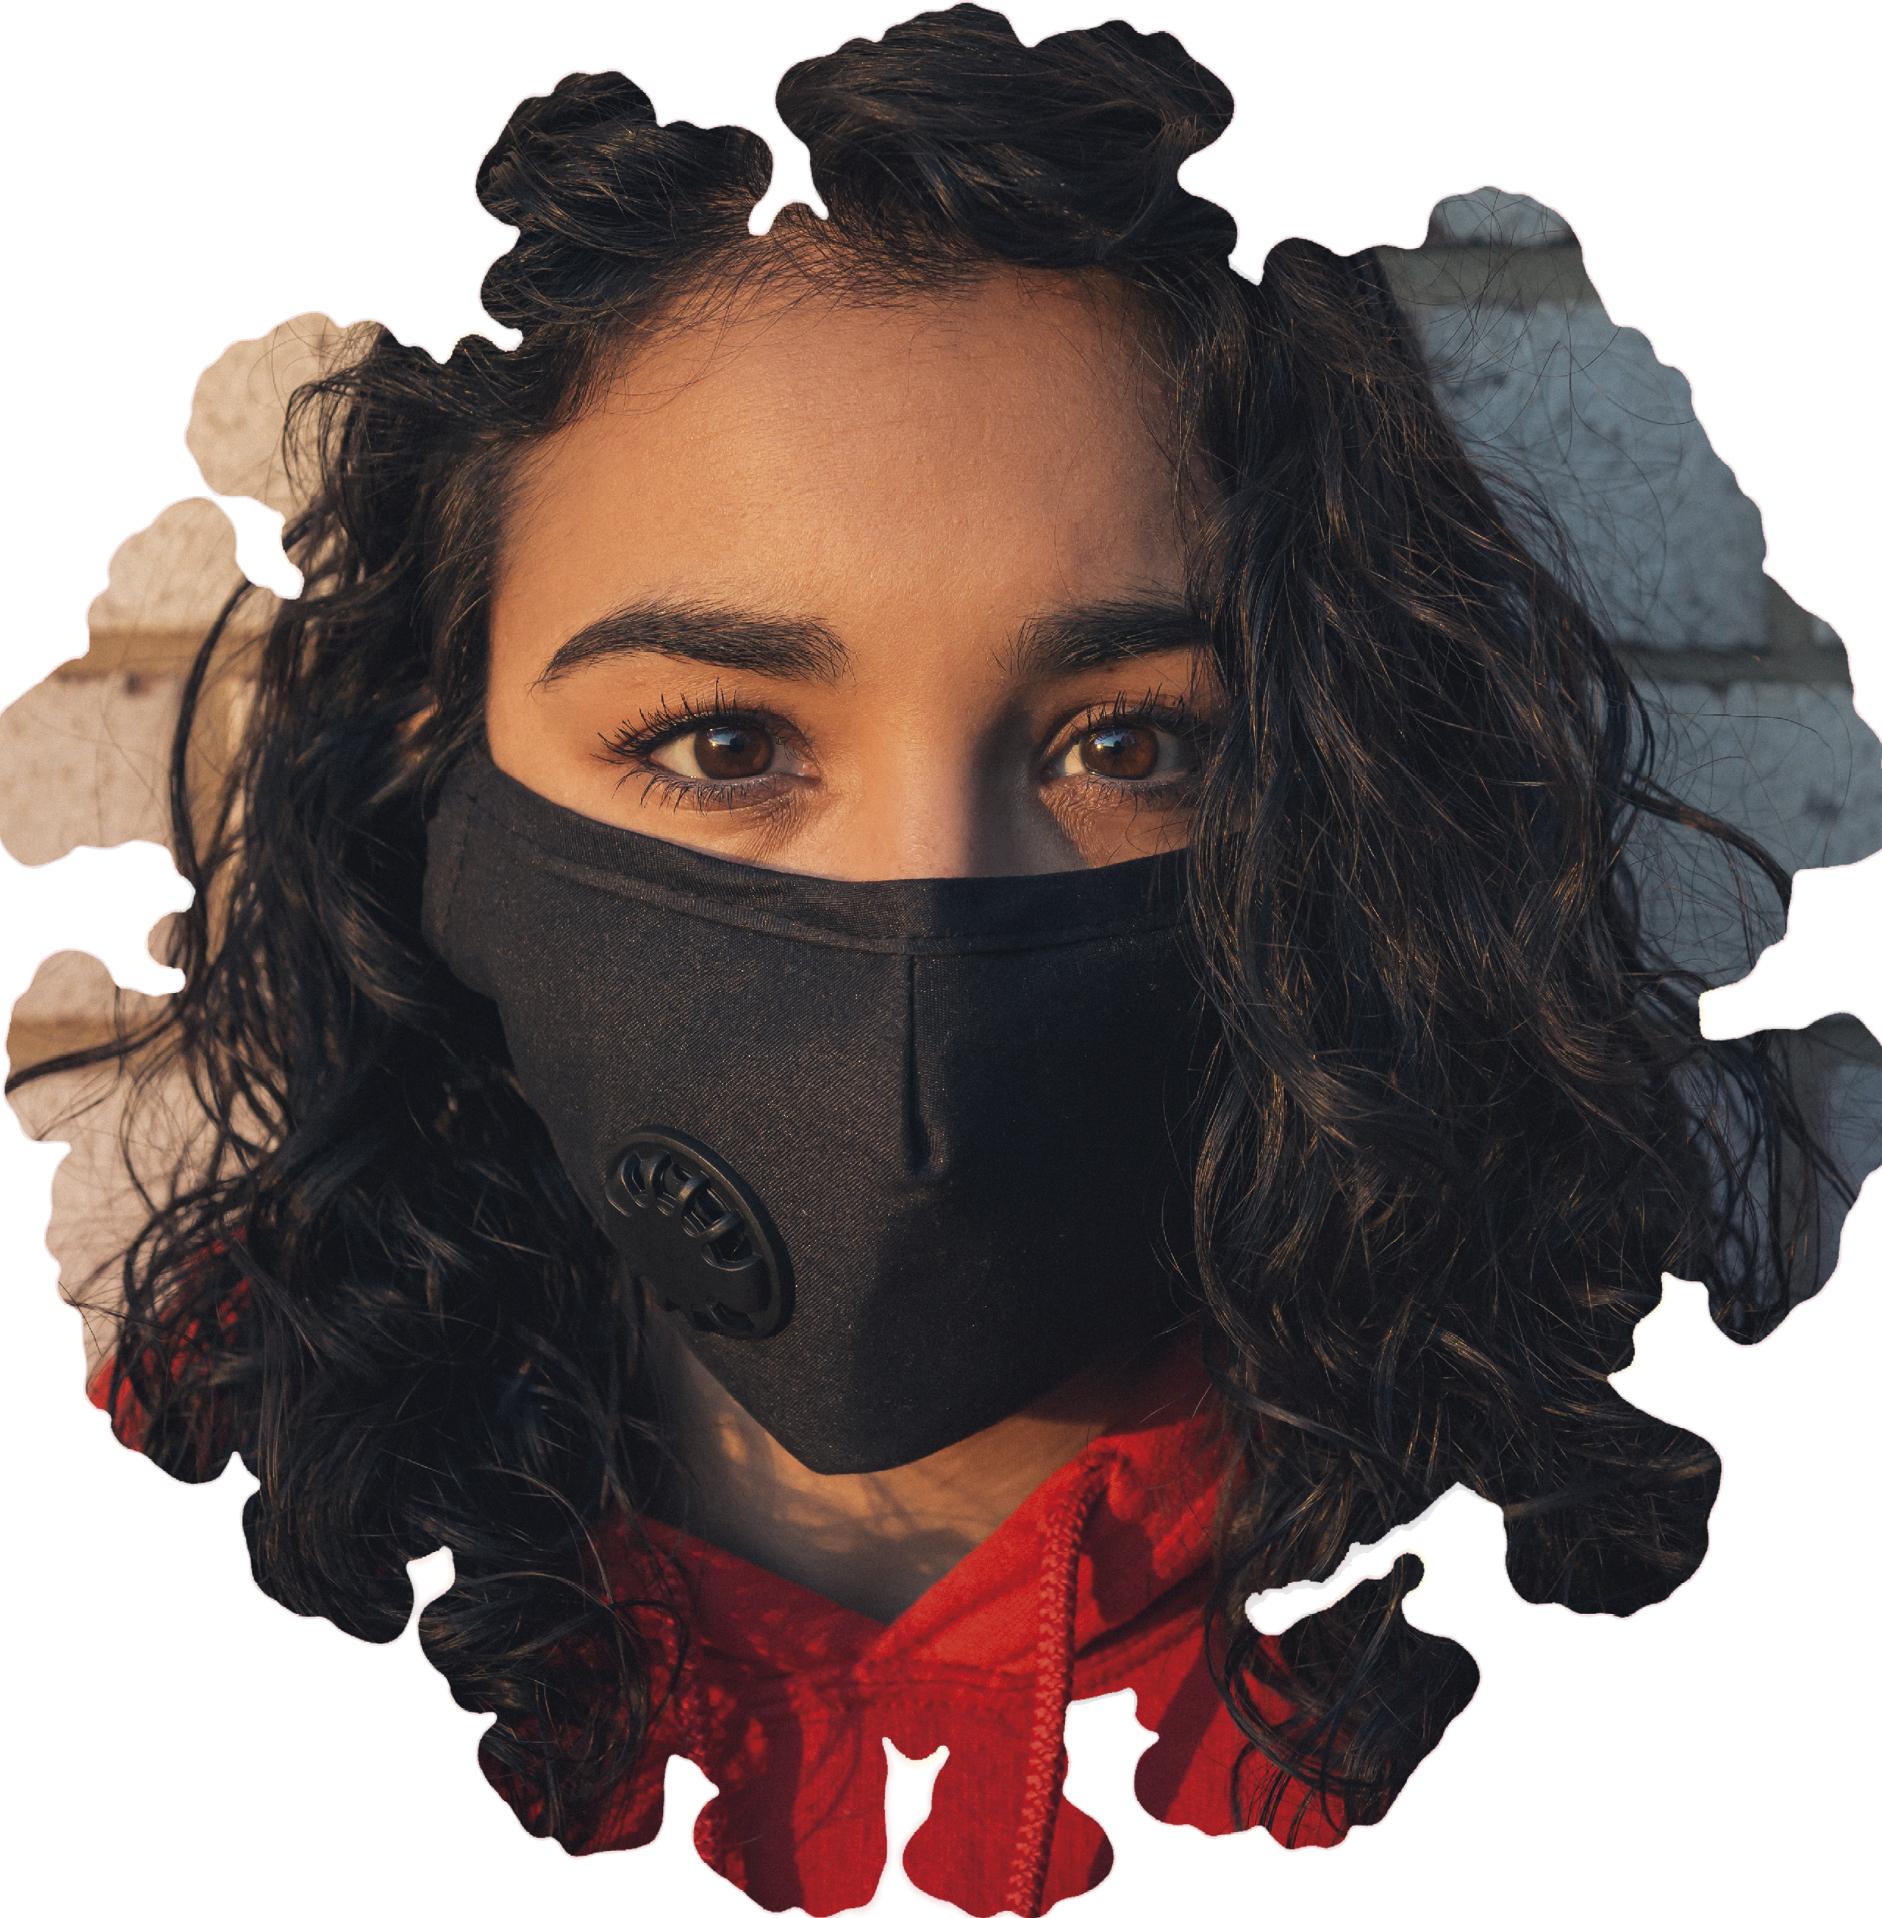 Fotomontagem MSA: coronavirus e foto de Gayatri Malhotra | Unsplash